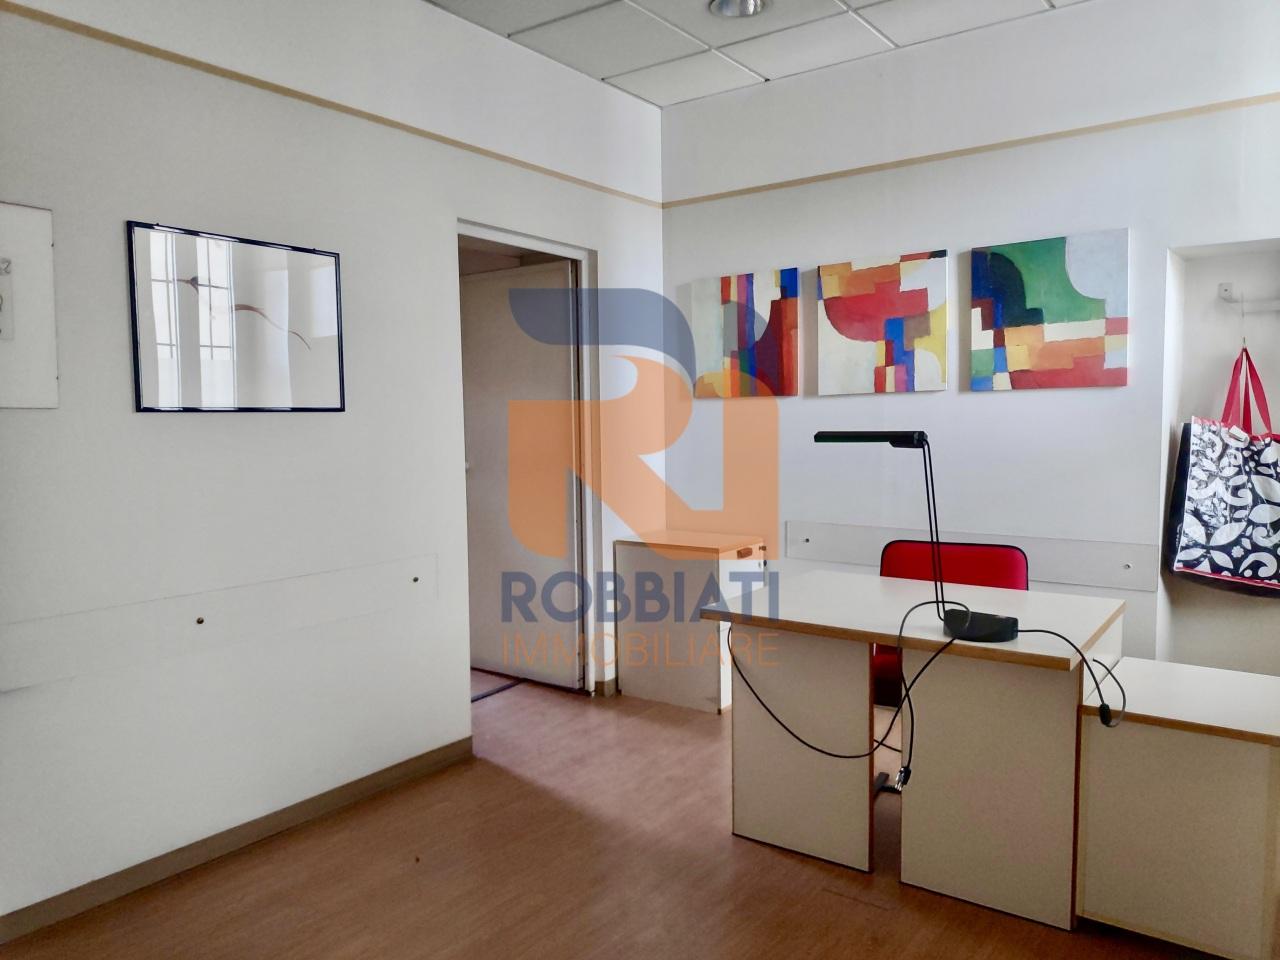 Negozio / Locale in vendita a Cava Manara, 2 locali, prezzo € 48.000 | PortaleAgenzieImmobiliari.it